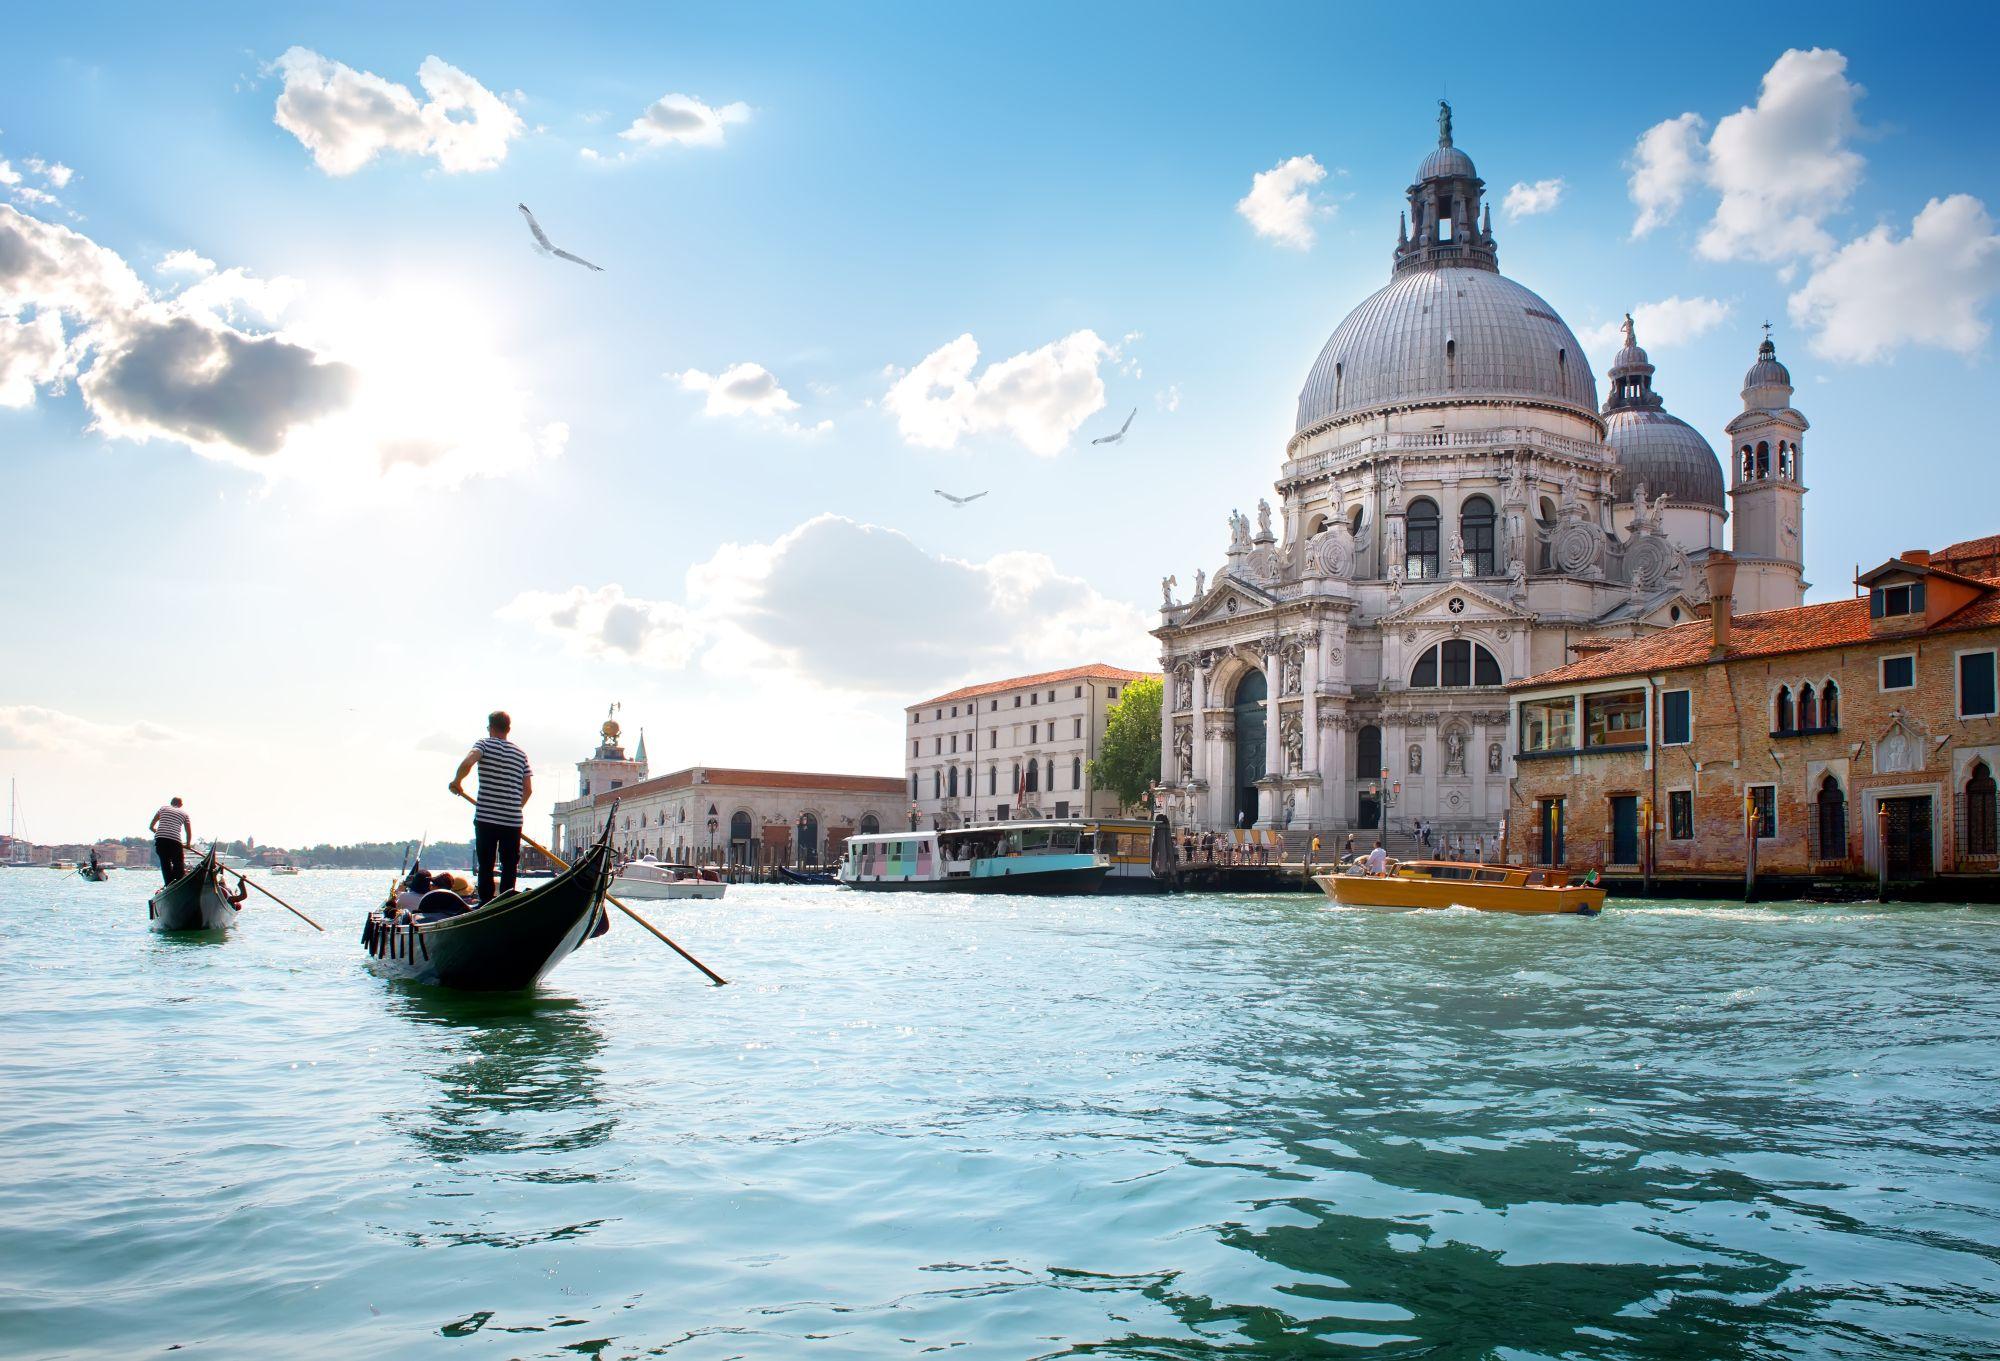 Wenecja kościół nad kanałem